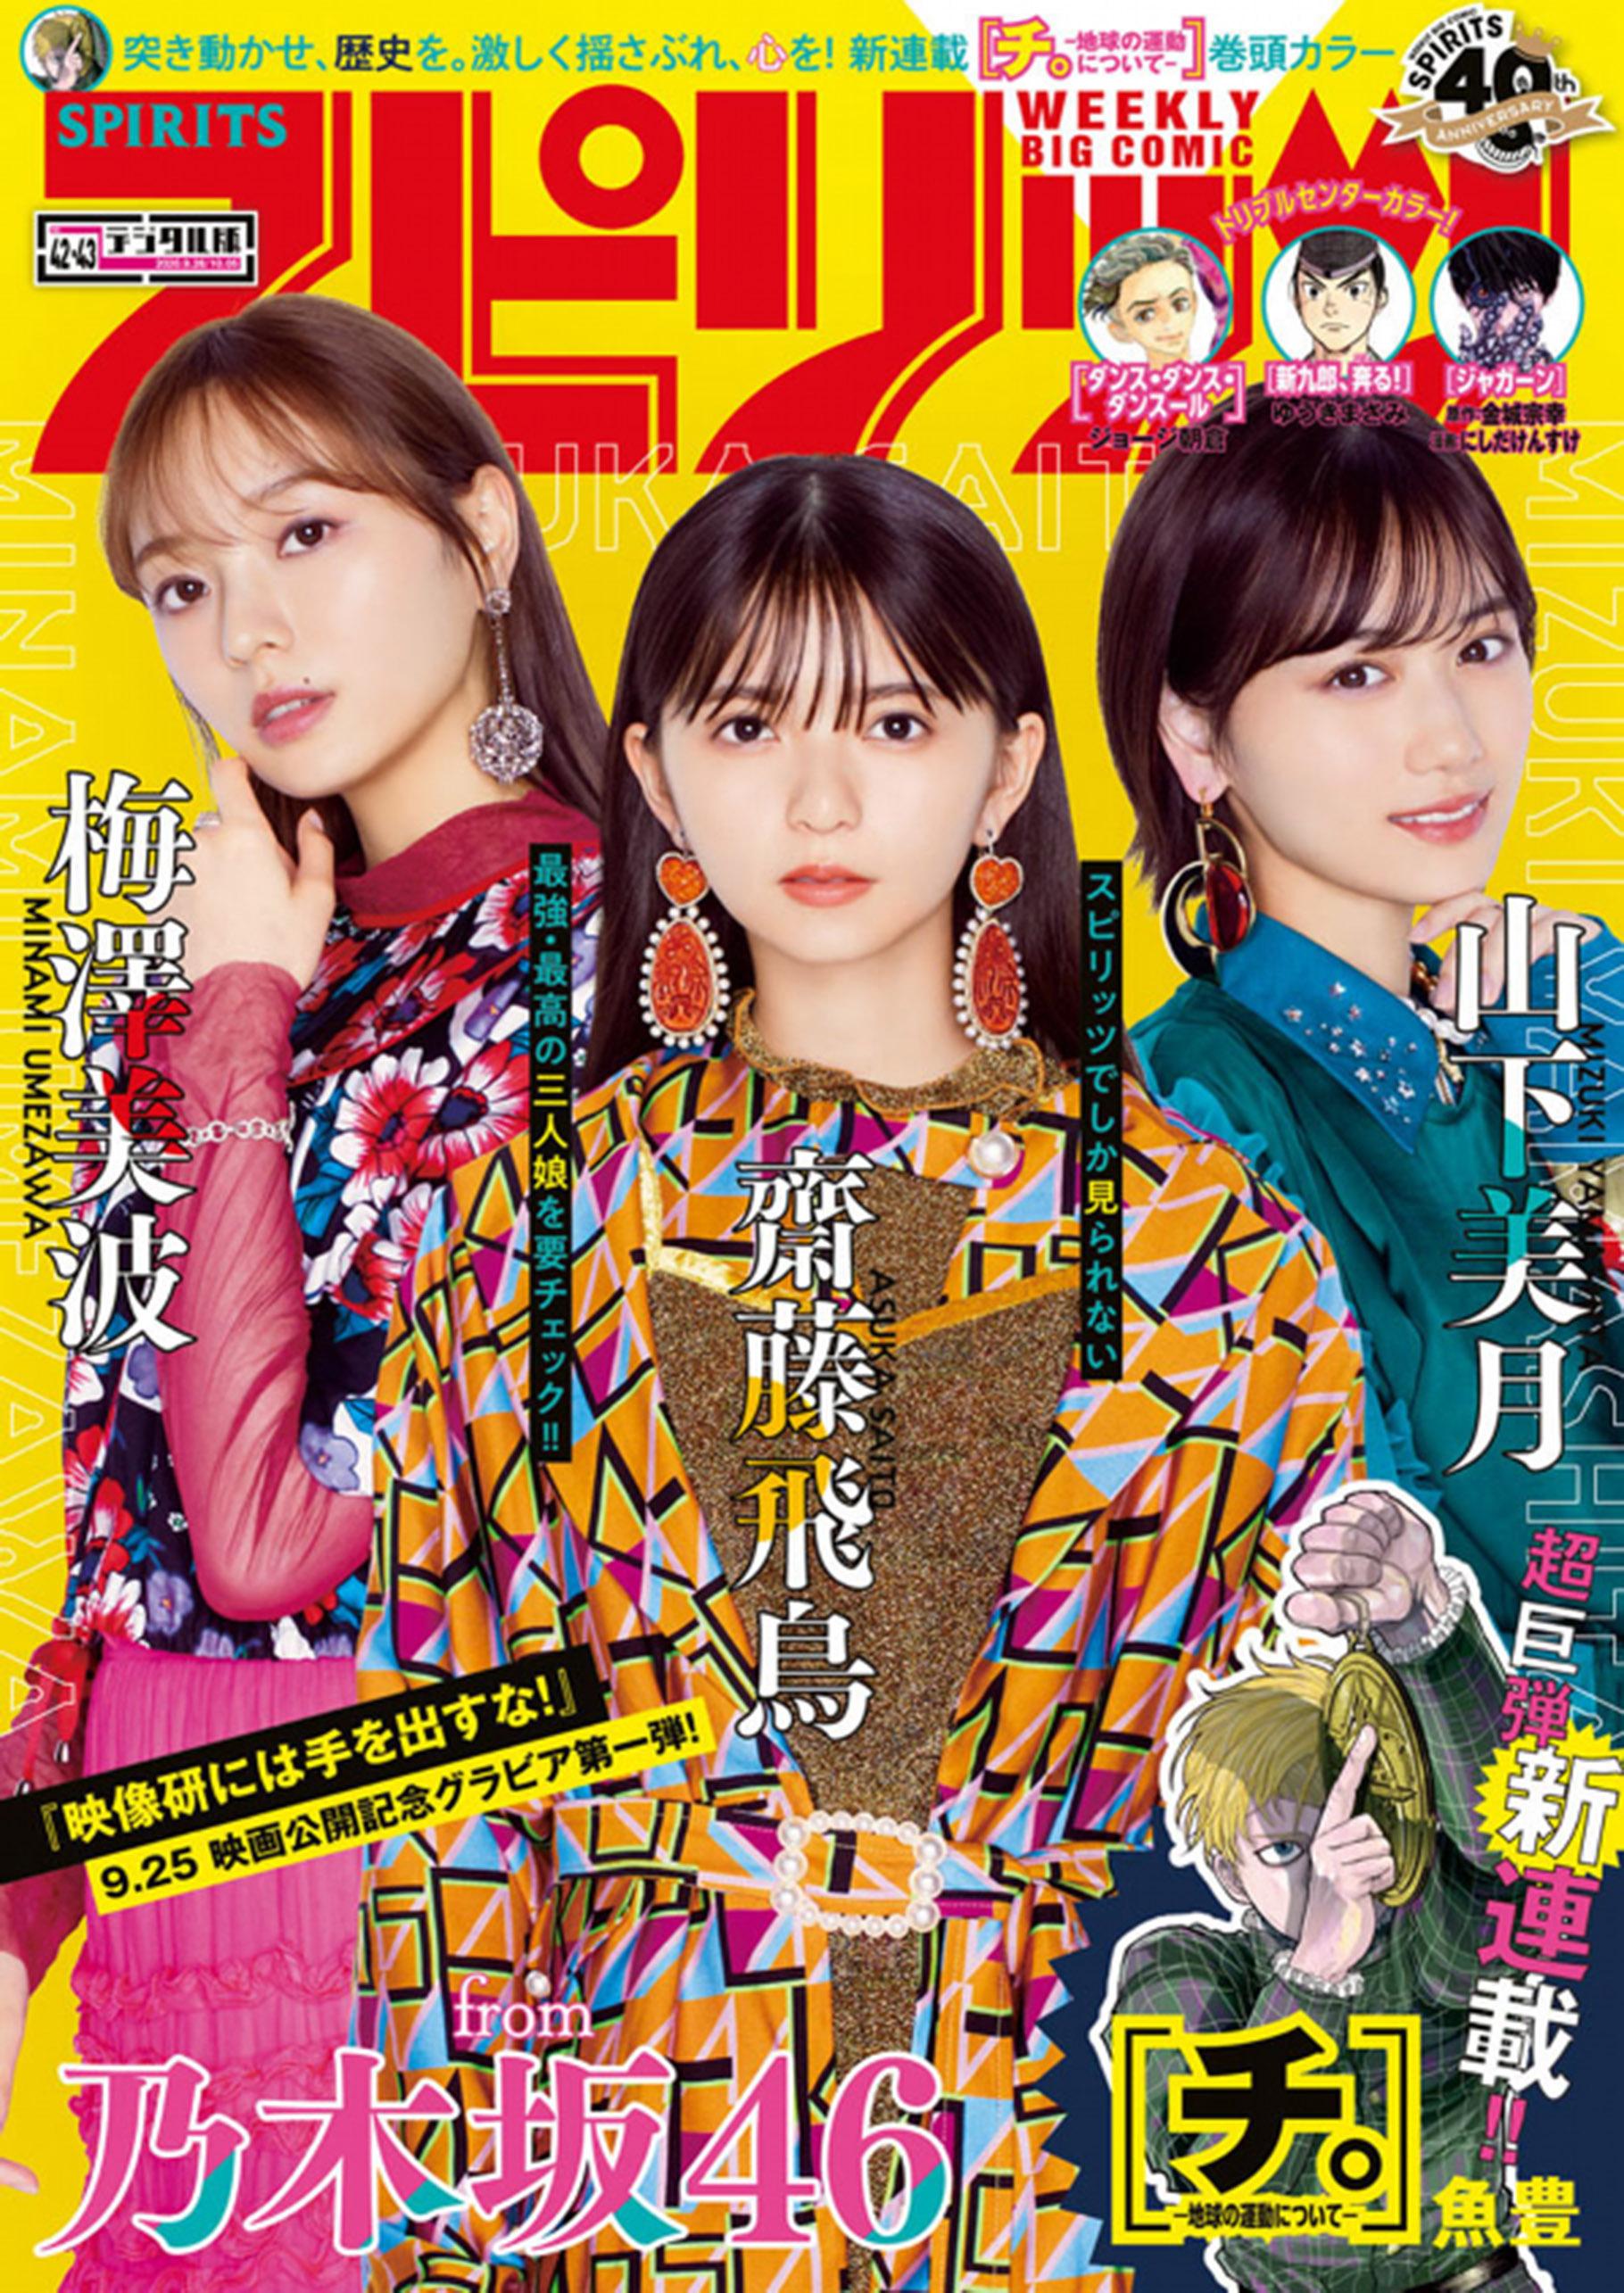 ビッグコミックスピリッツ 2020年09月28日号 42-43号 乃木坂46